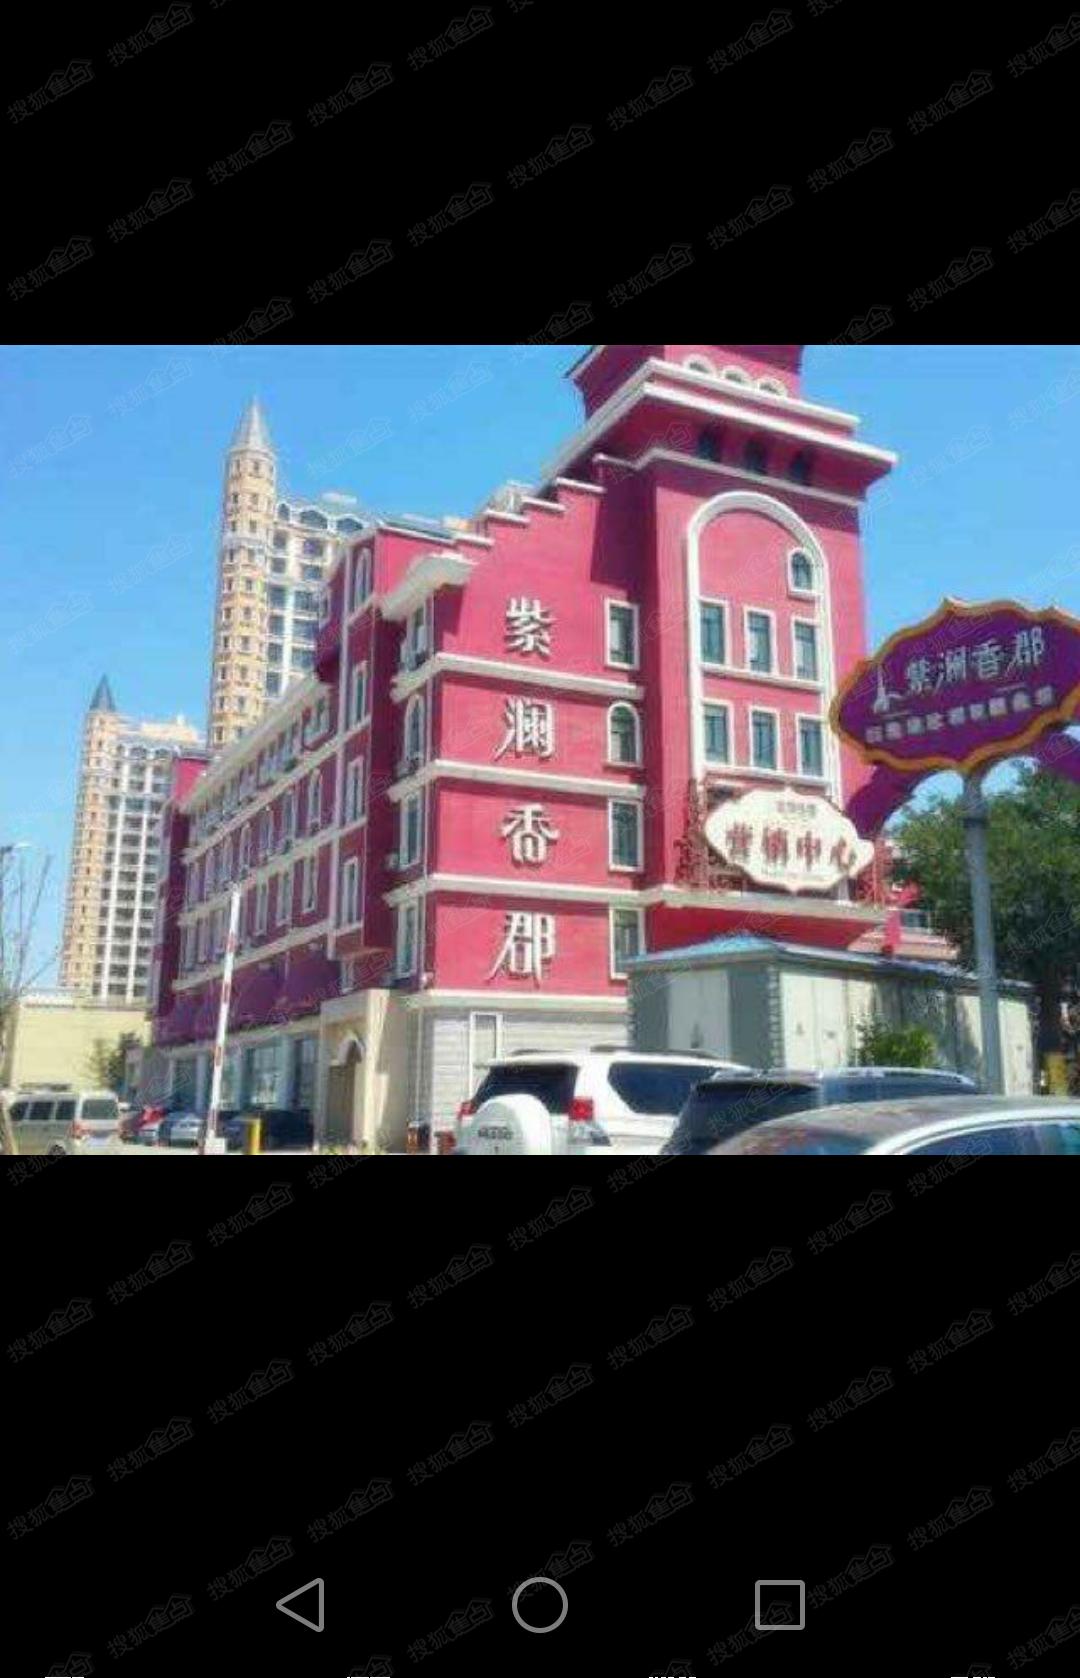 滨海新城-秦皇岛搜狐焦点